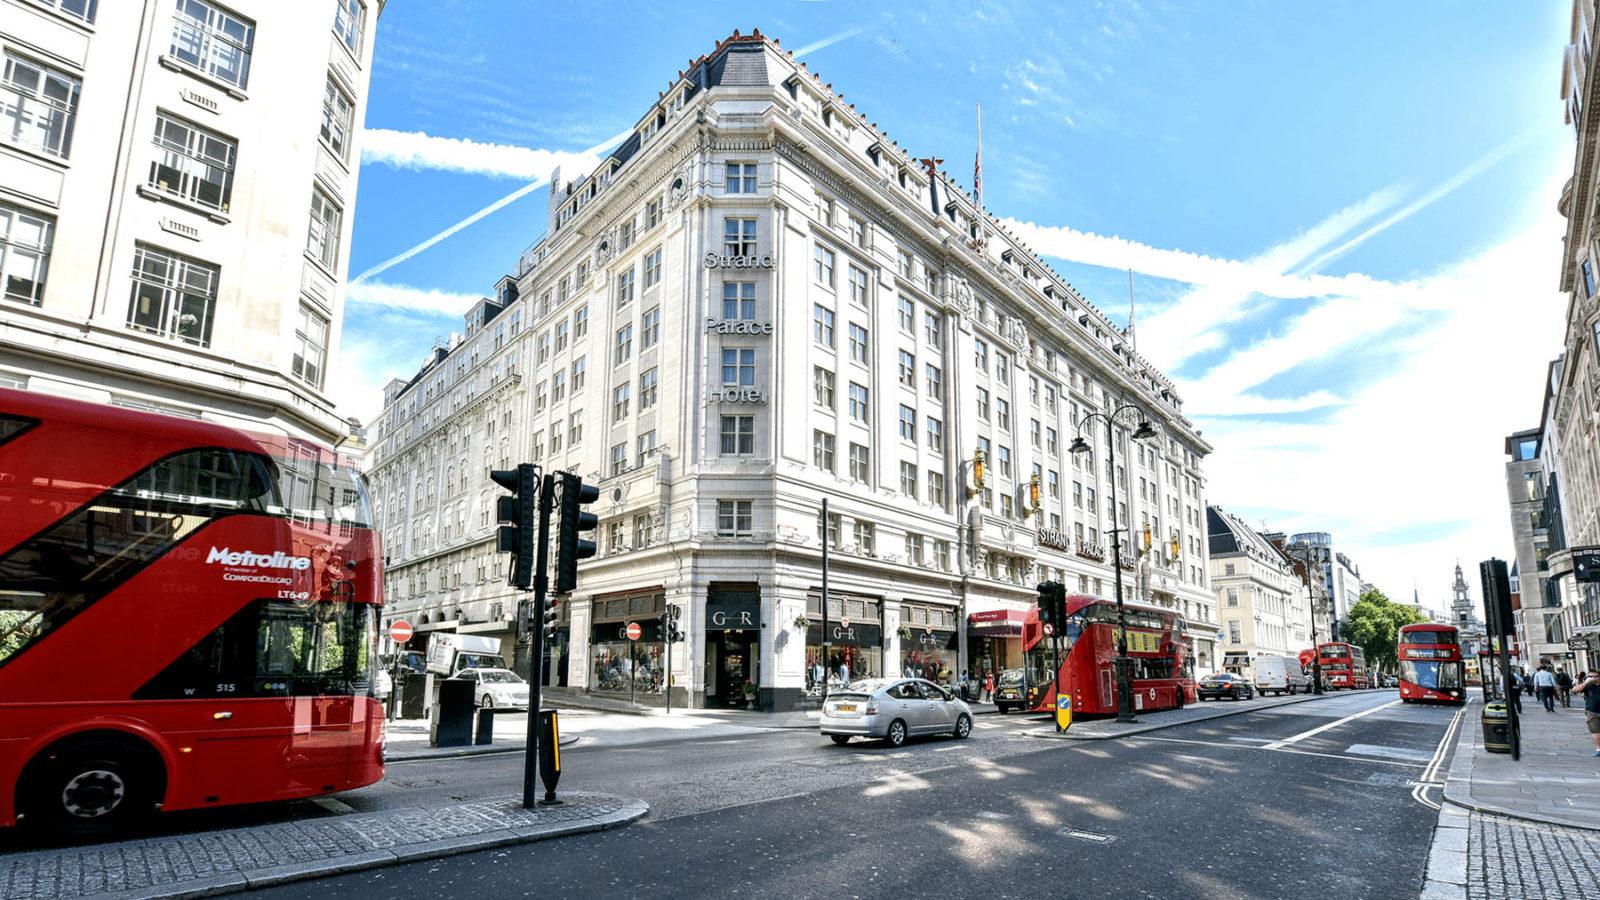 Strand-Palace-Hotel-Building-optimised-1.jpg